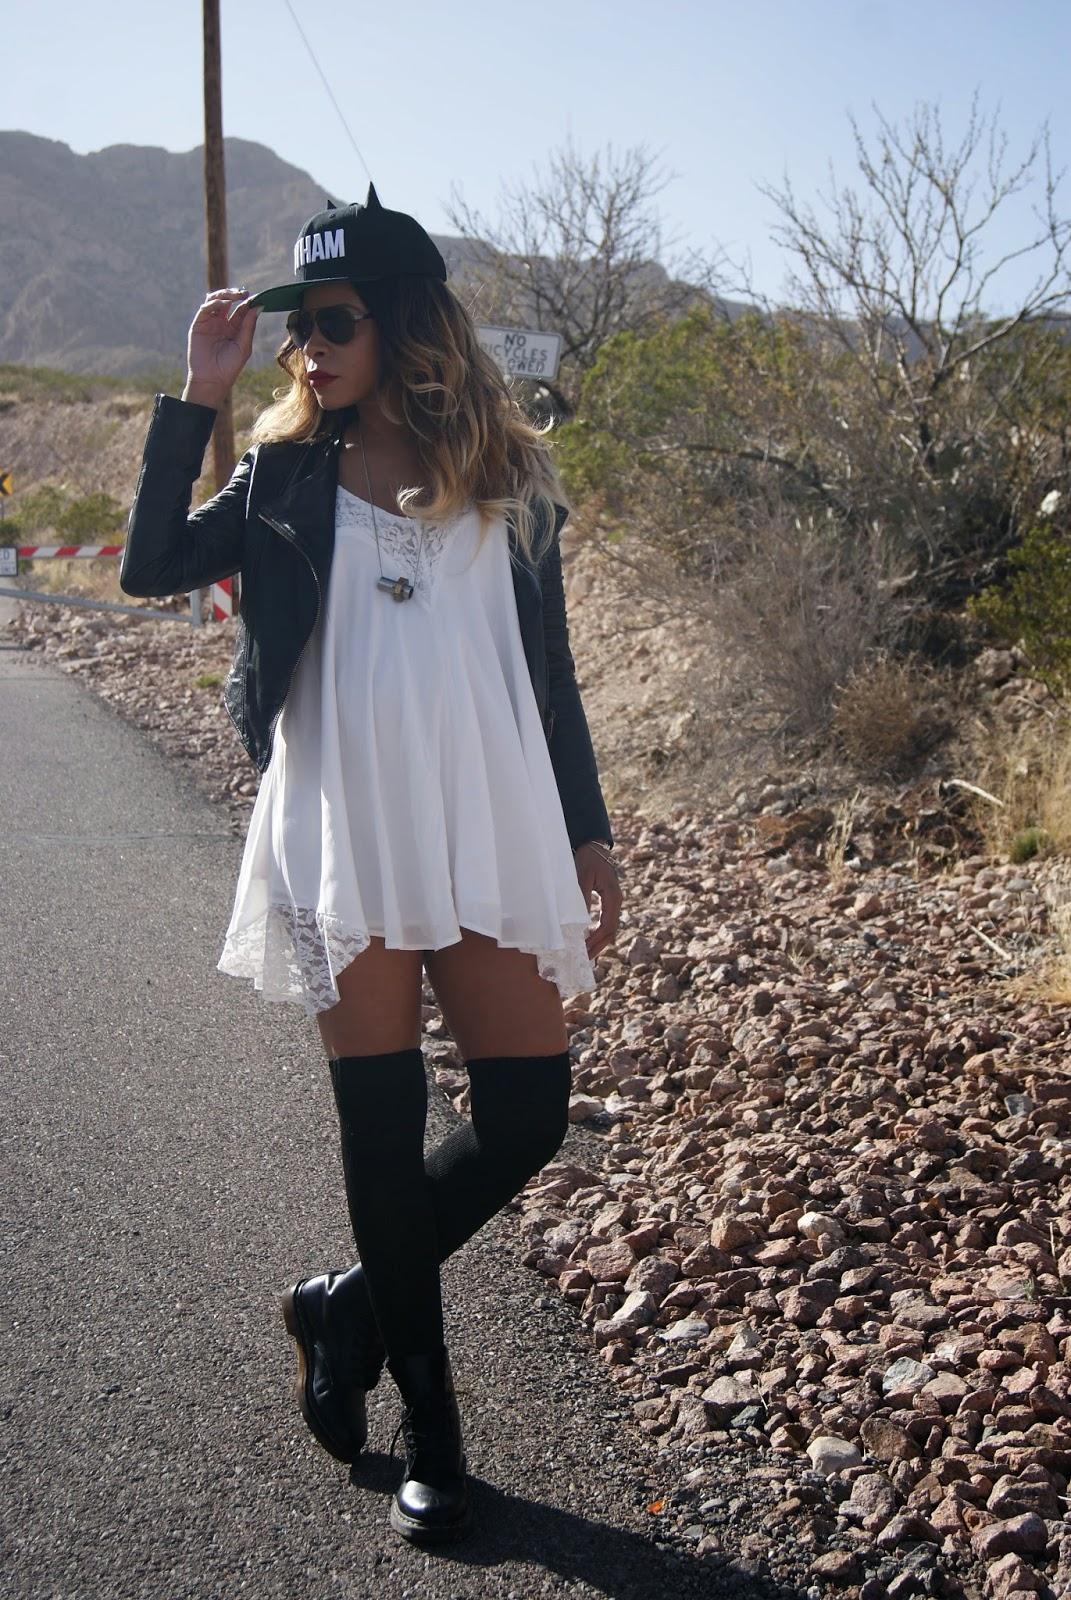 knee socks, allthingsslim, ombre hair, bunny ear hat, snap back,